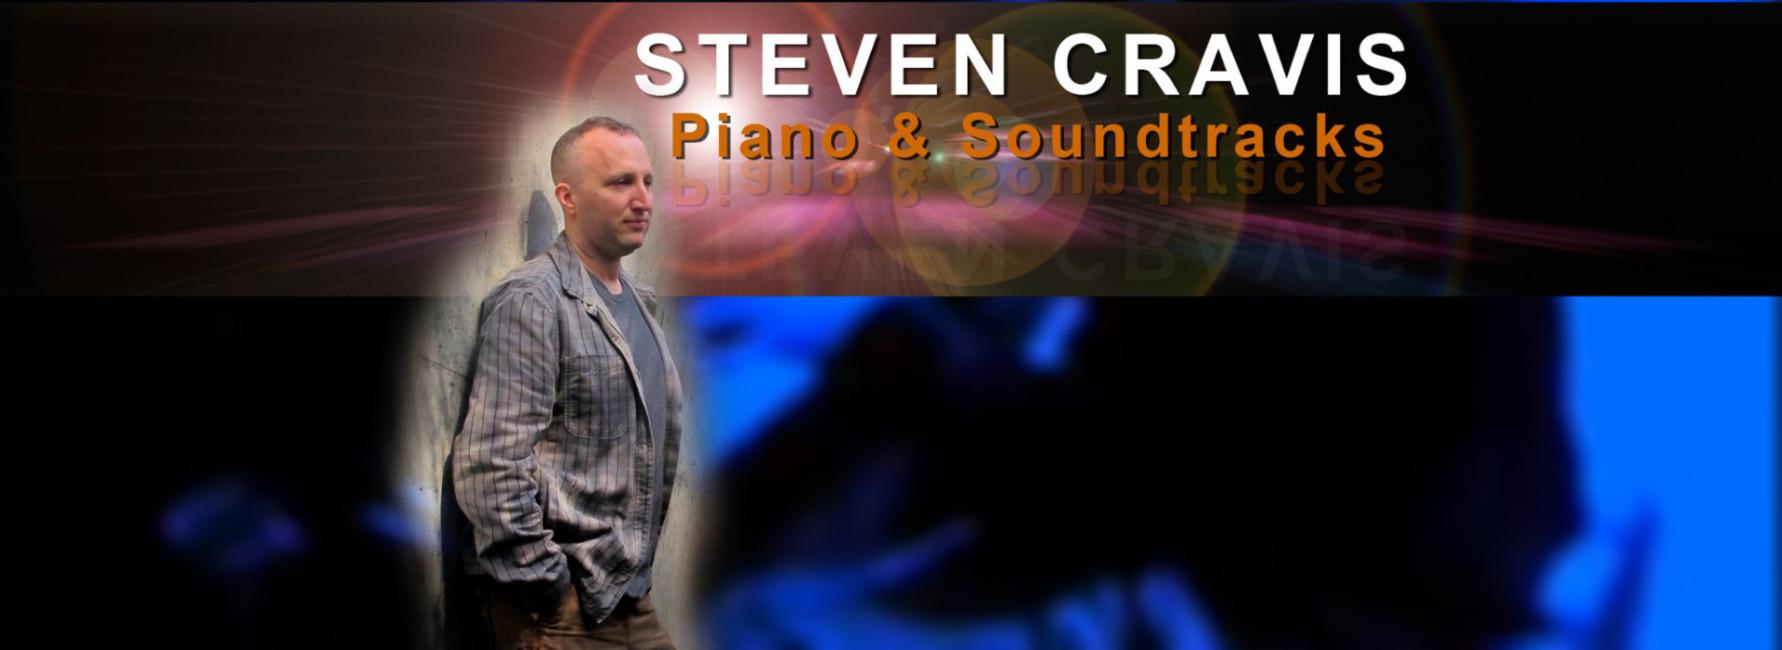 standing-plus-background-piano-1-e1433423649706